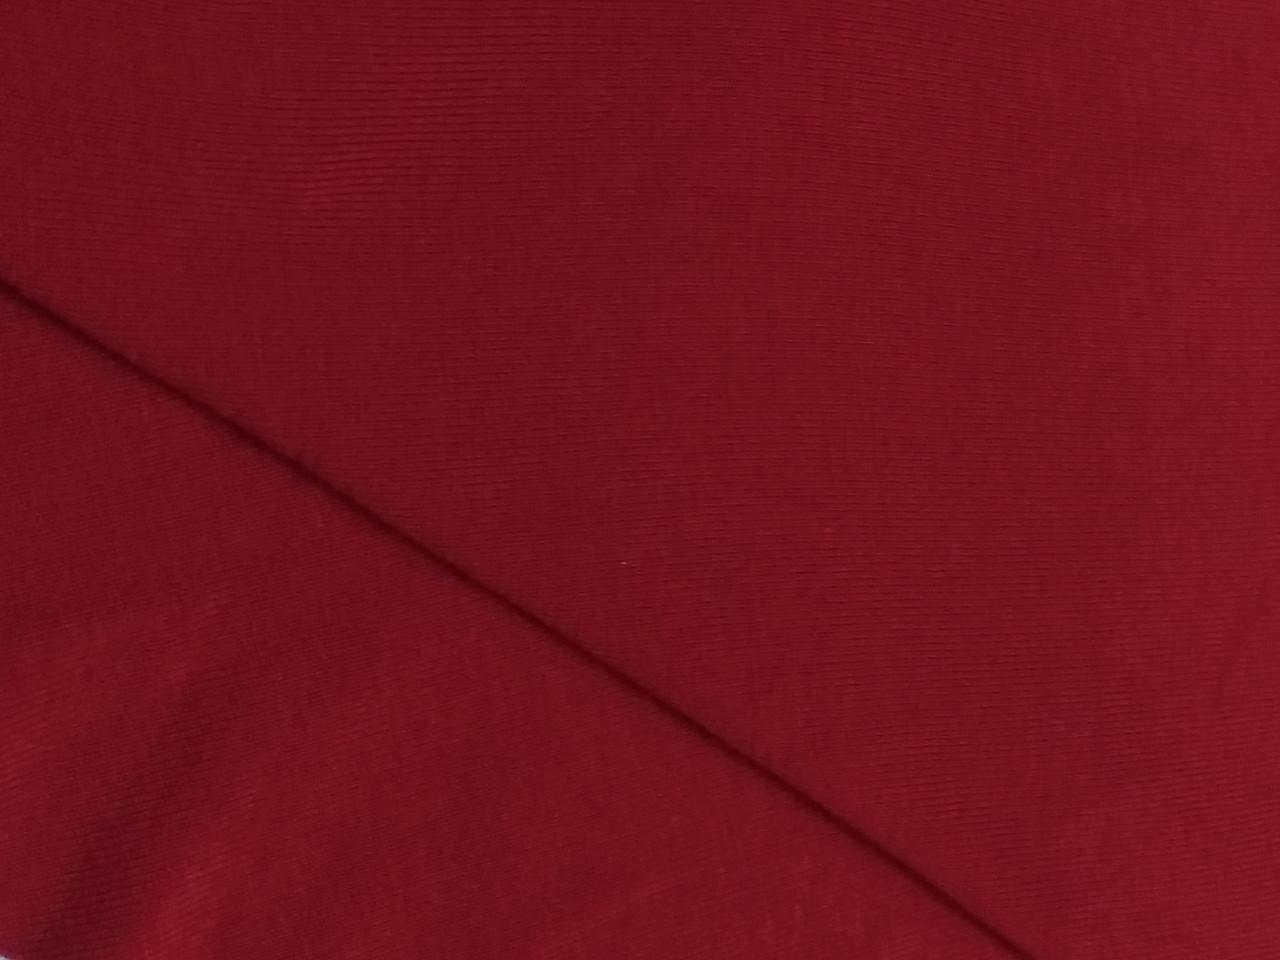 Вискозный трикотаж джерси, красный